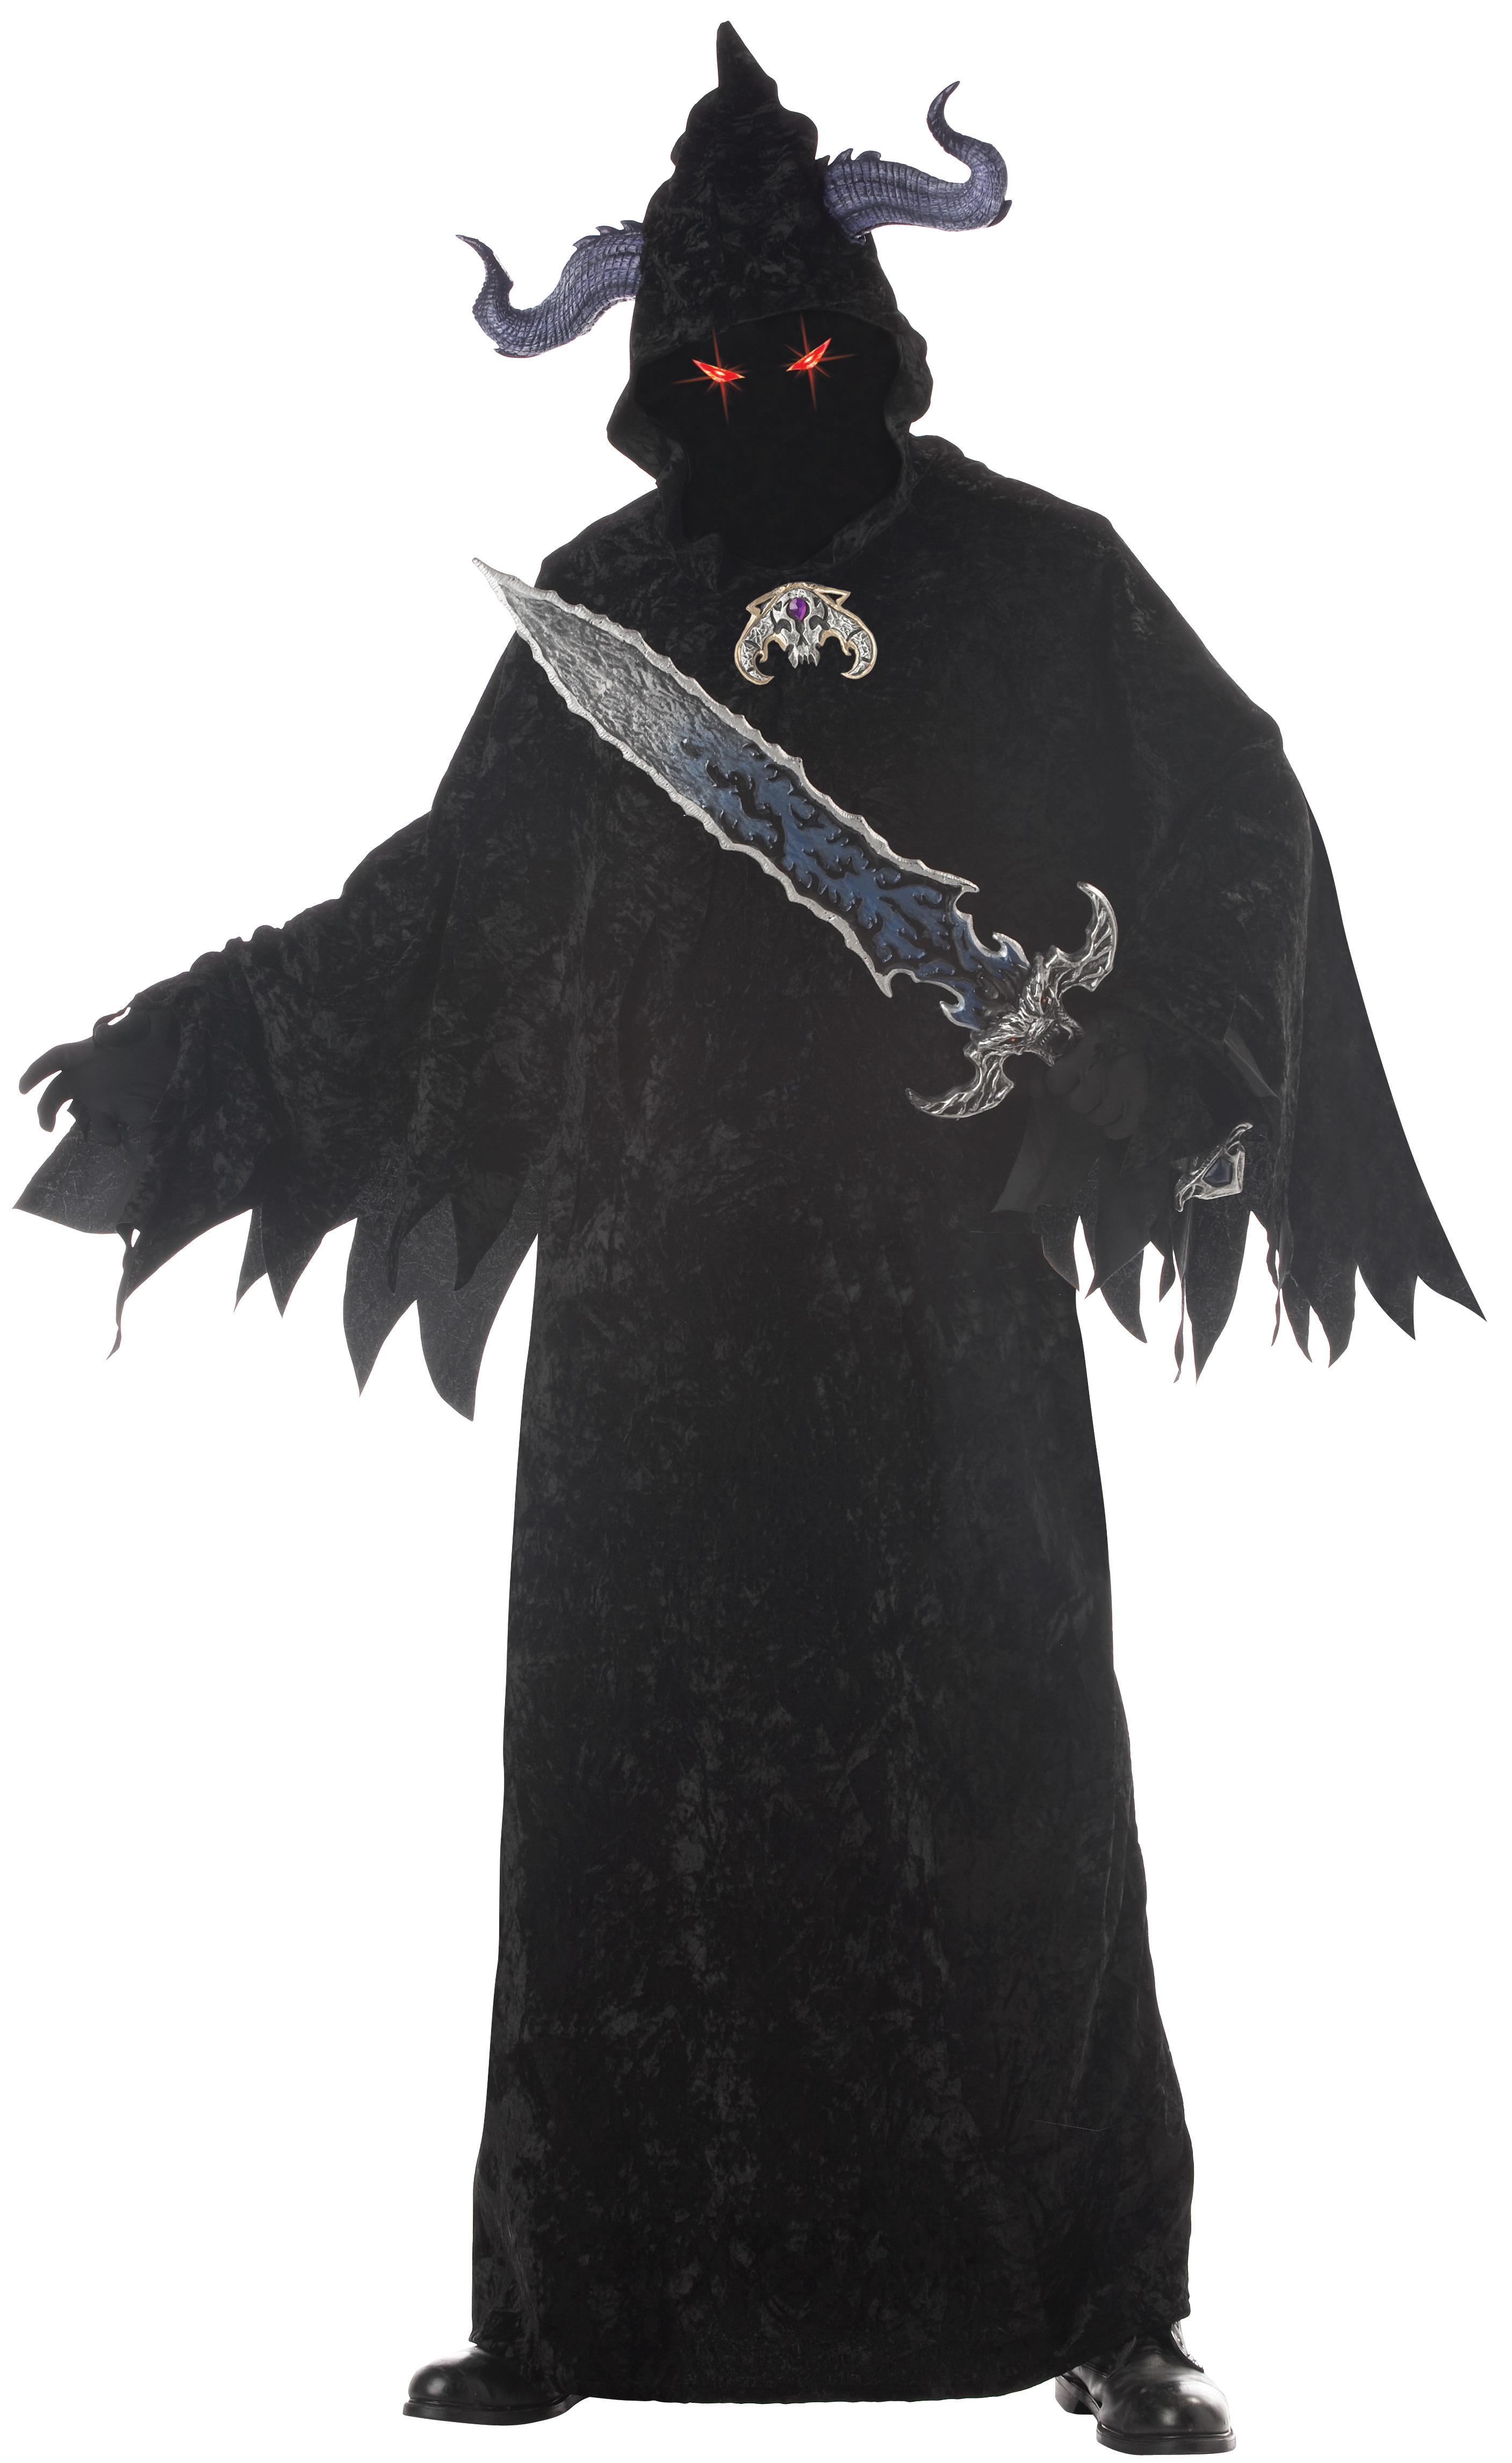 http://images.buycostumes.com/mgen/merchandiser/33919.jpg